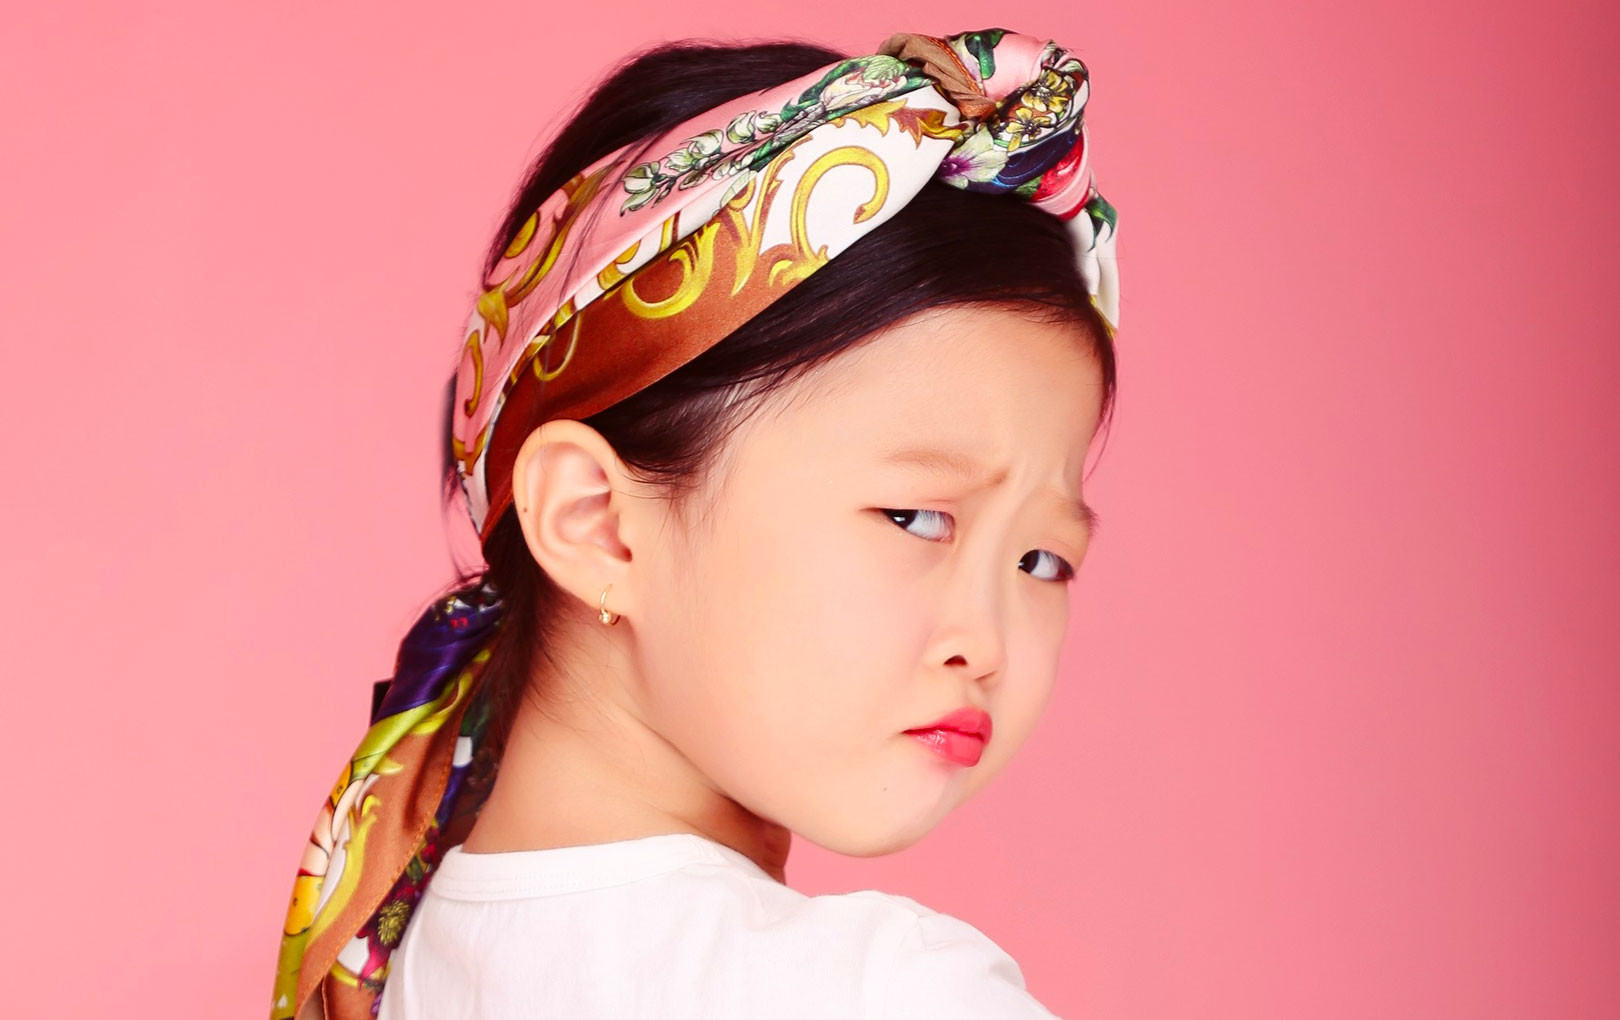 """Bé 5 tuổi 3 lần vô địch Nhanh như chớp nhí: """"Chị Ba bất biến"""" là ai mà khiến hàng loạt sao Việt phát cuồng?"""